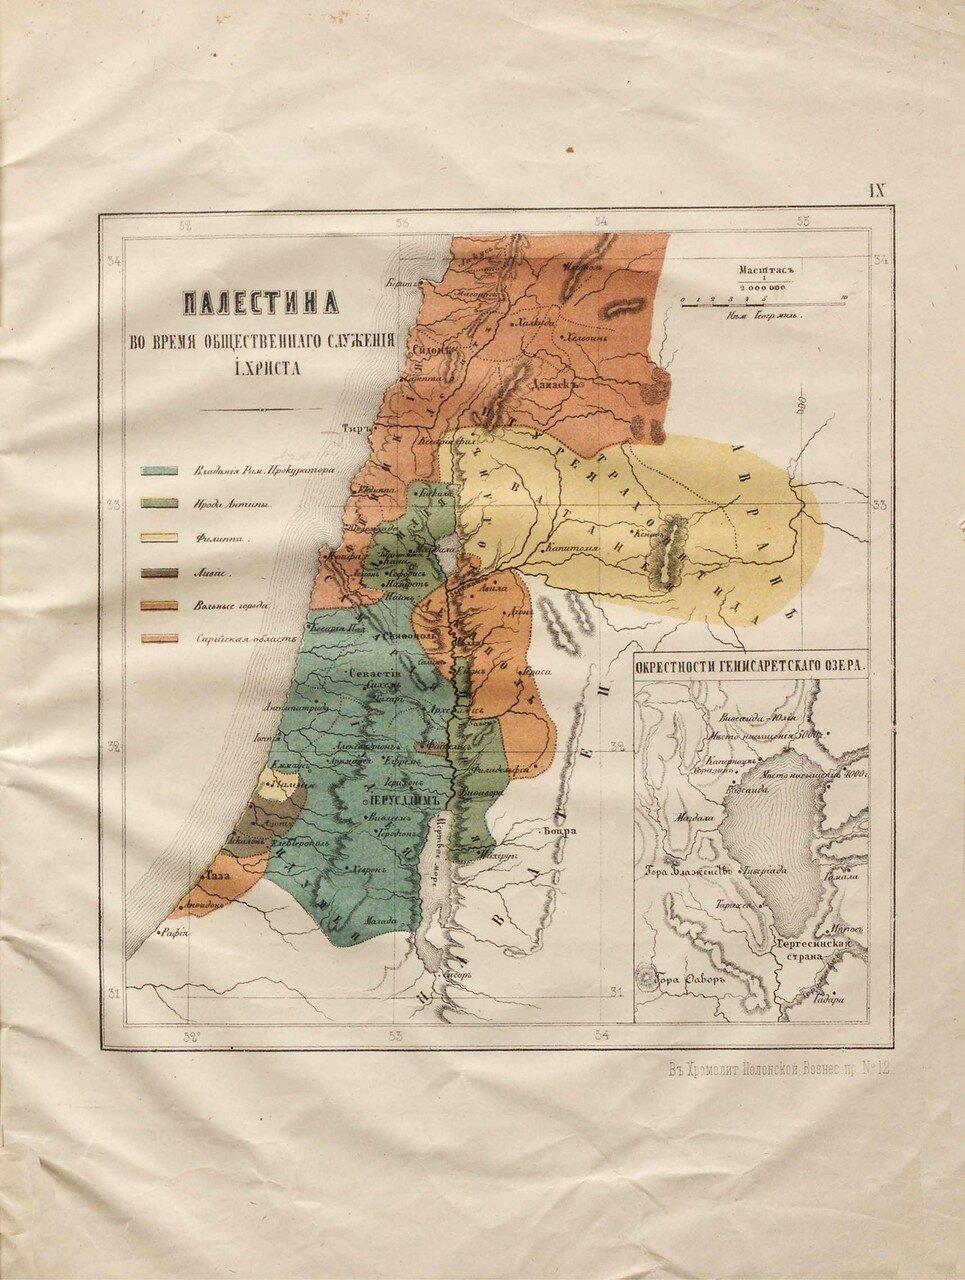 07. Палестина во время общественного служения Иисуса Христа